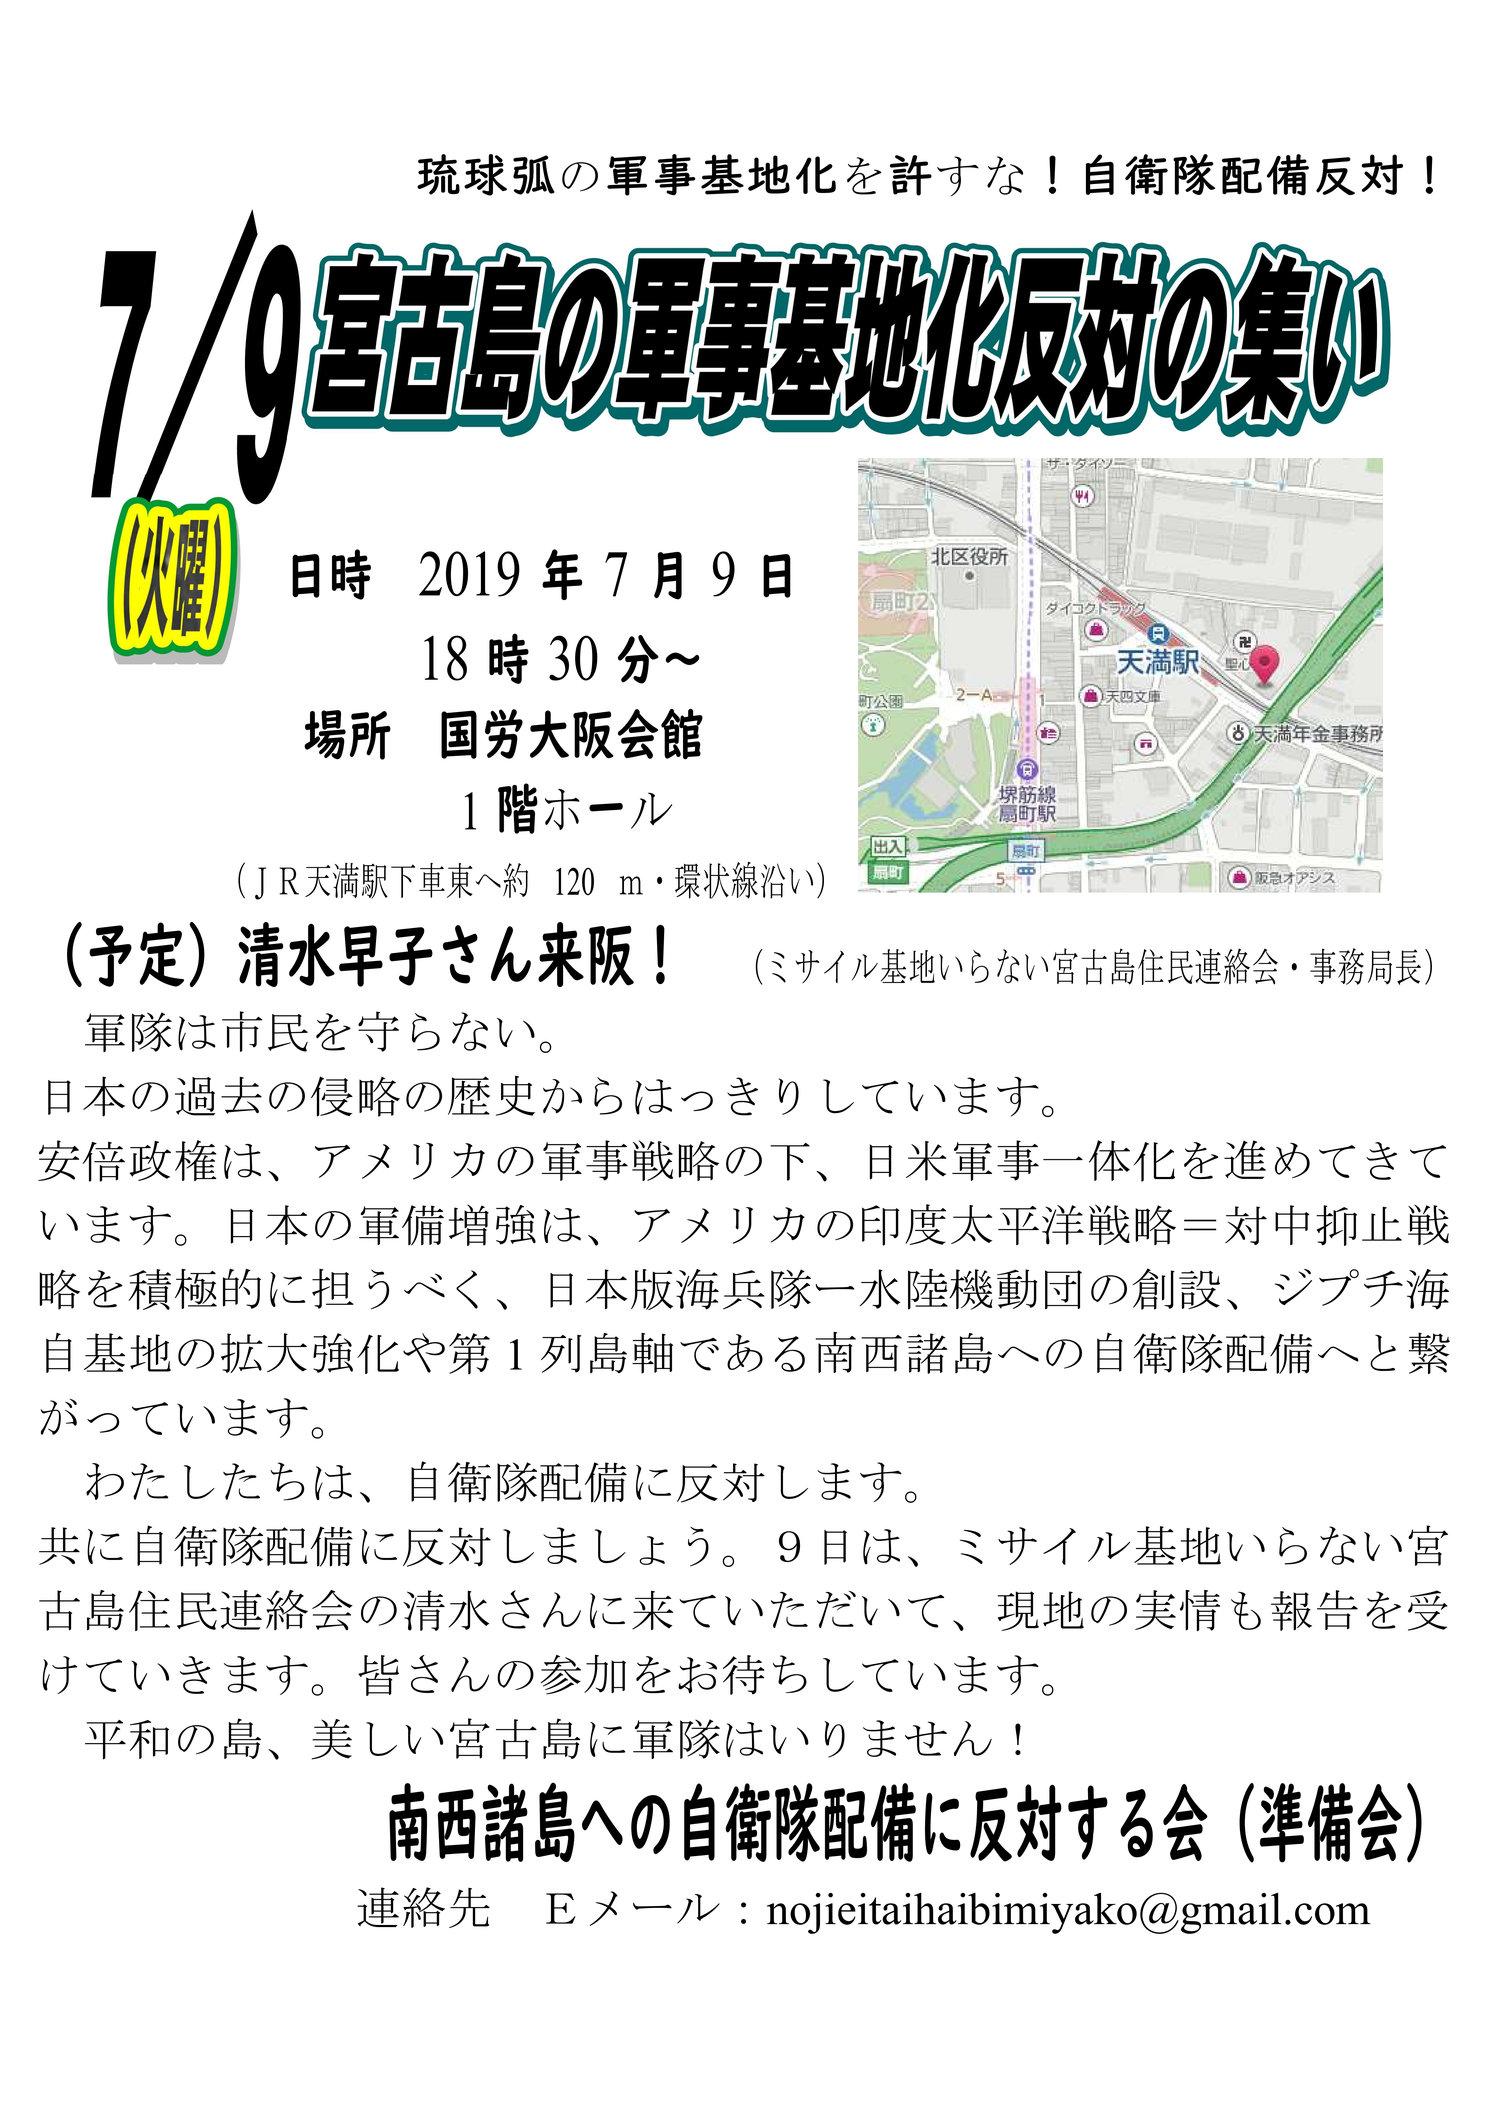 0709 大阪宮古島軍事基地化反対ビラ